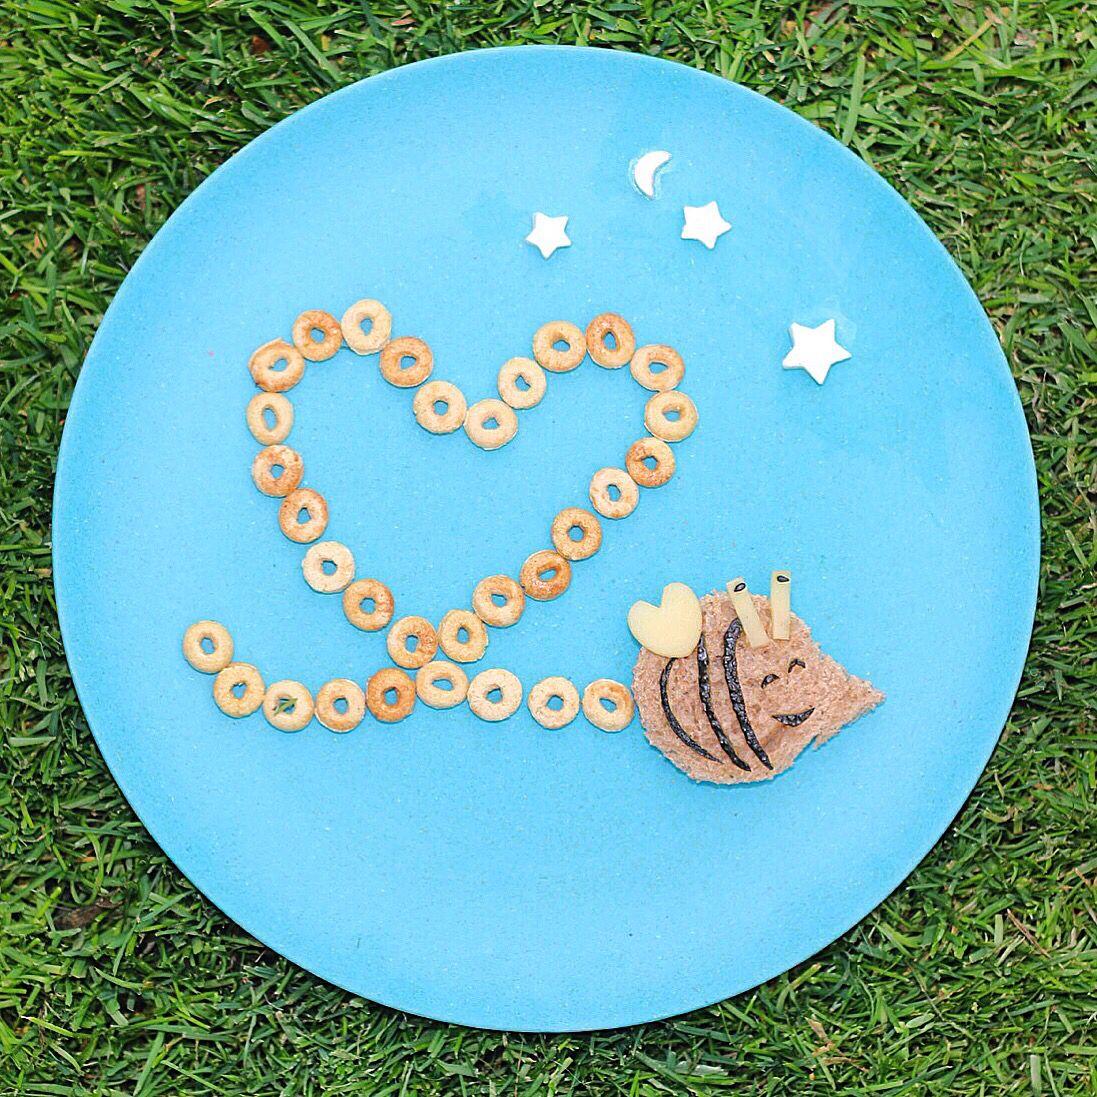 Bbzzz...  Una abejita llegó volando a la colación de Pedrito! Más ideas en mi Instagram: http://www.instagram.com/minrebolledo ;)  #kids #food #bee #healthy #abeja #colacion #snack #saludable